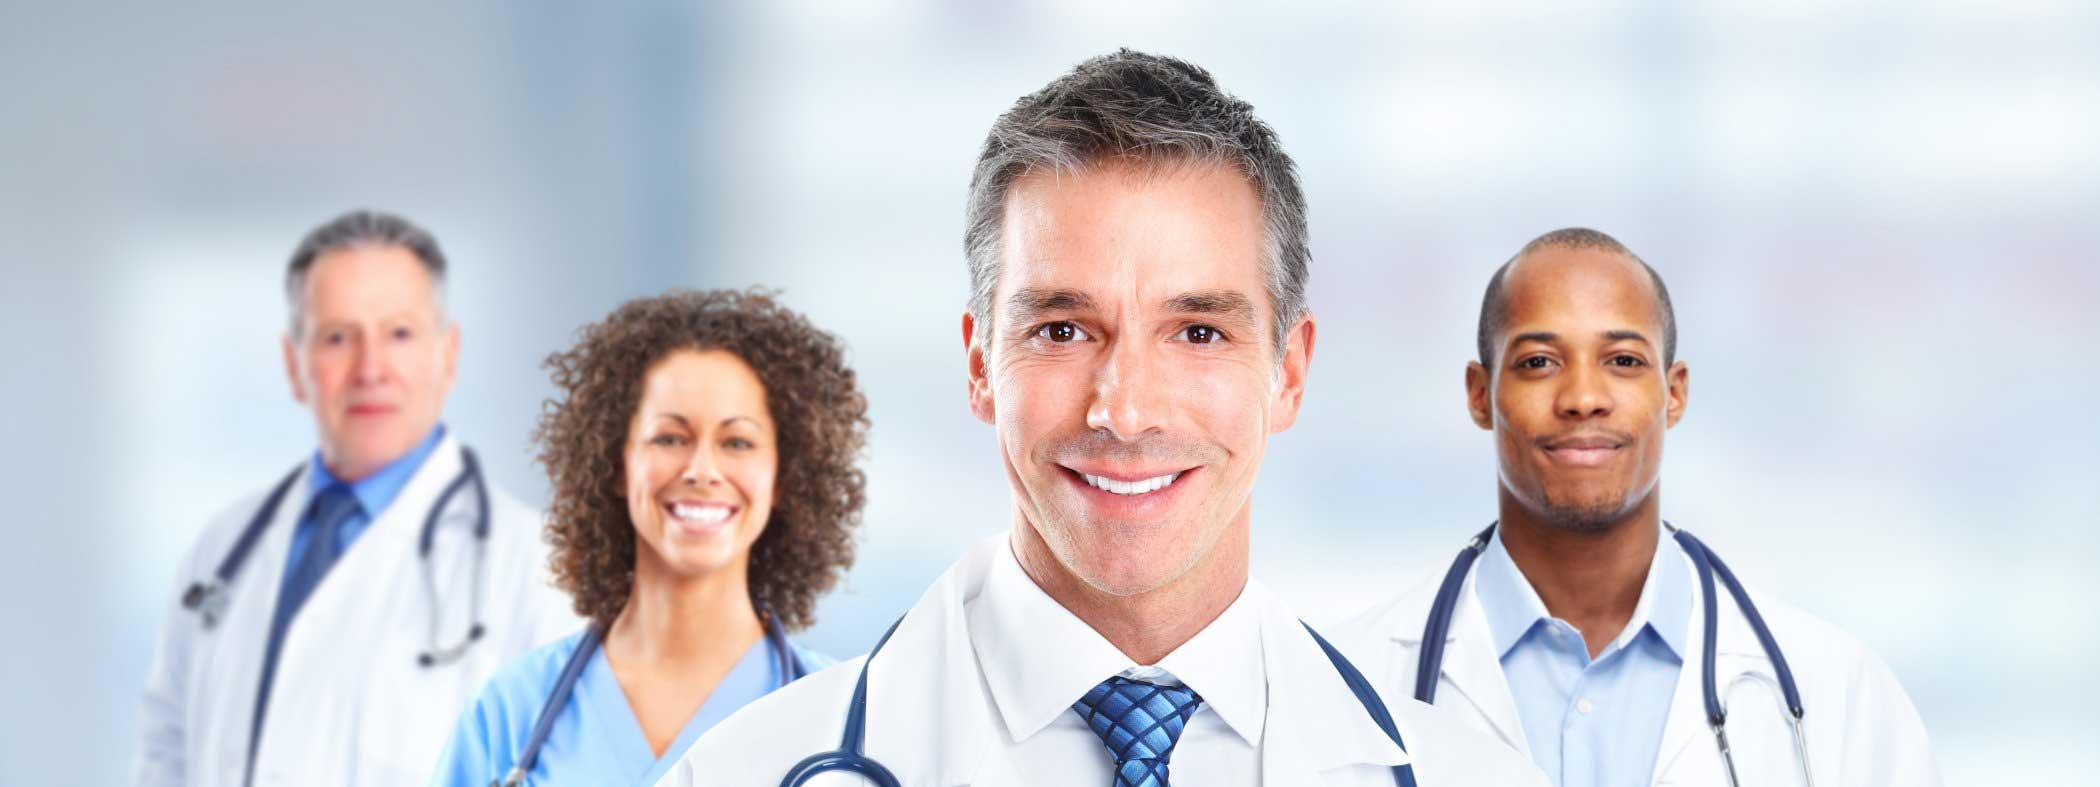 Magna Wave PEMF for Medical Professionals